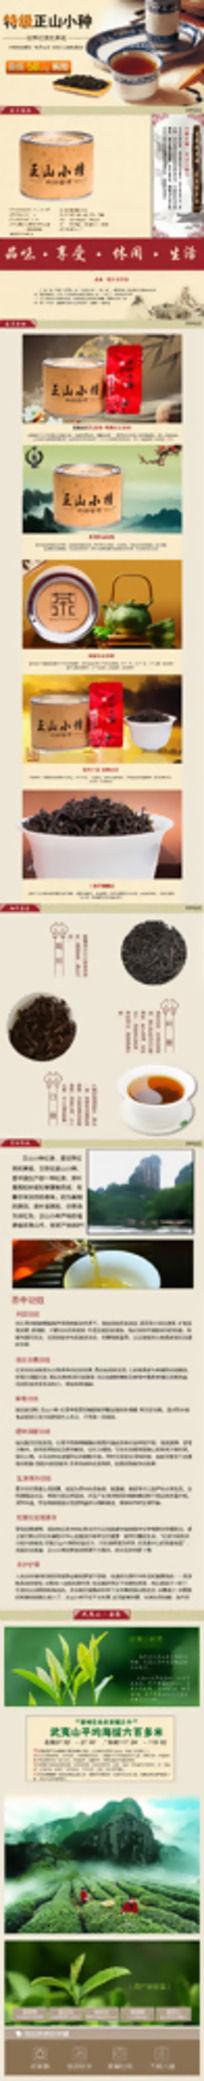 正山小种茶叶详情页